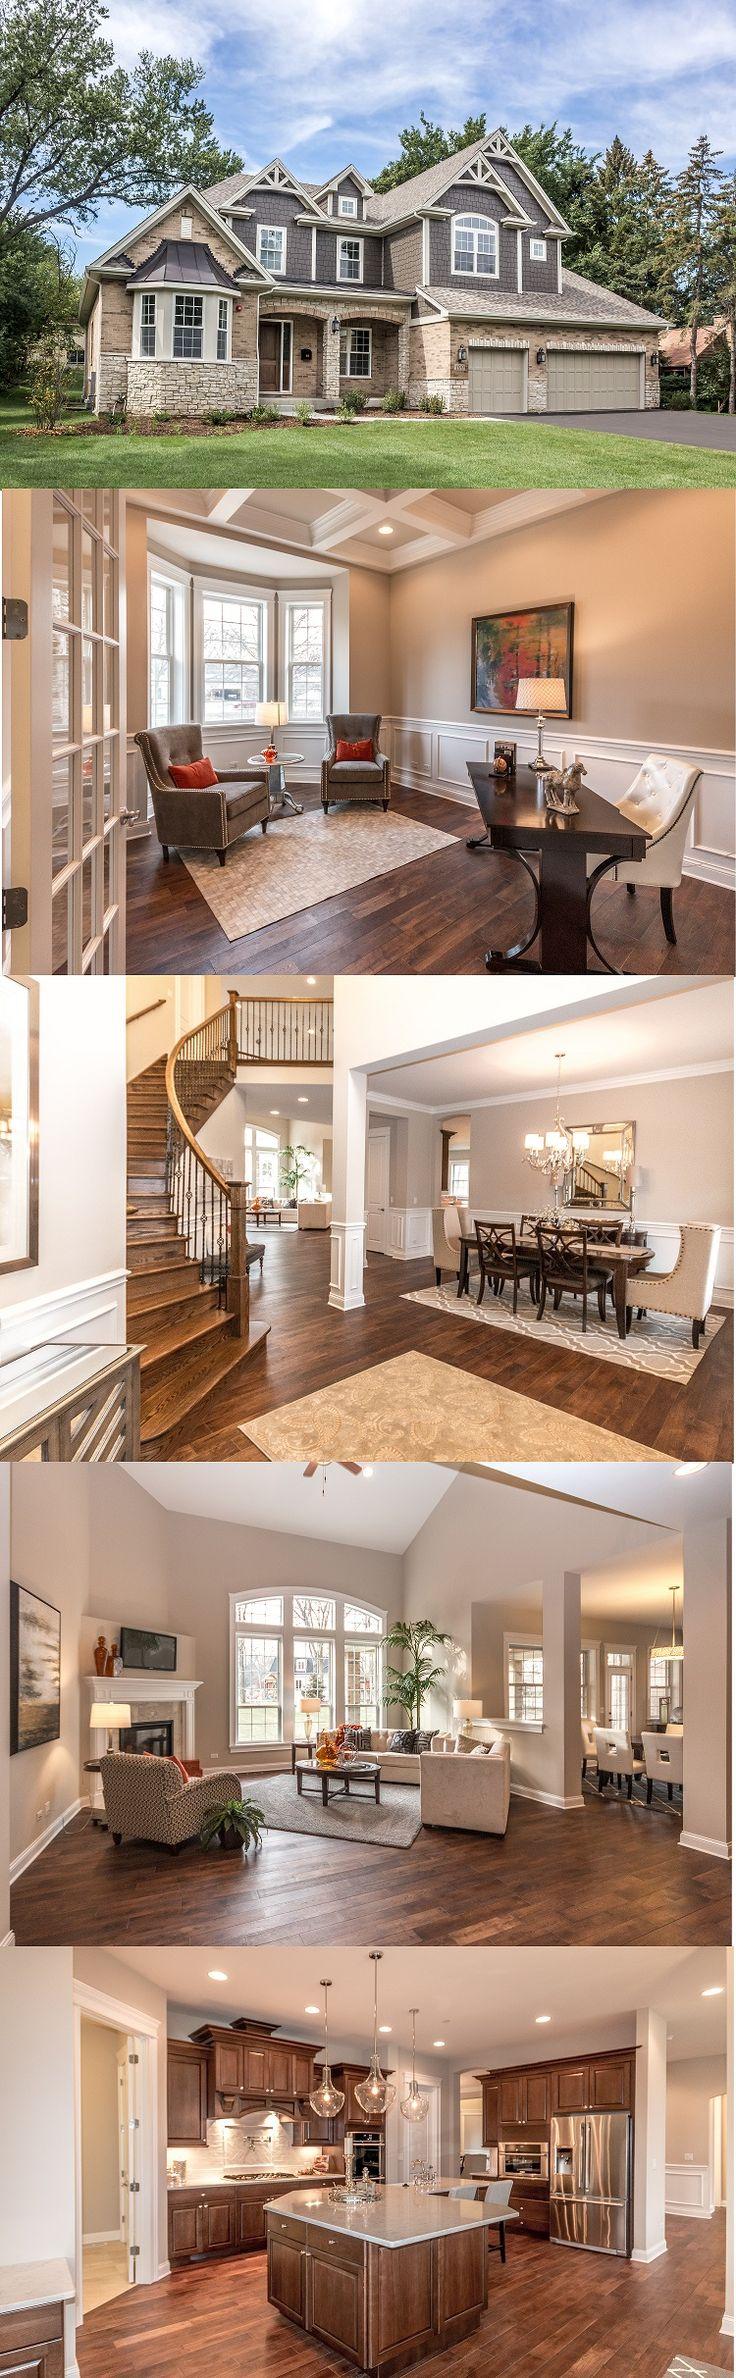 Luxurious Home Design in Glen Ellyn, IL.